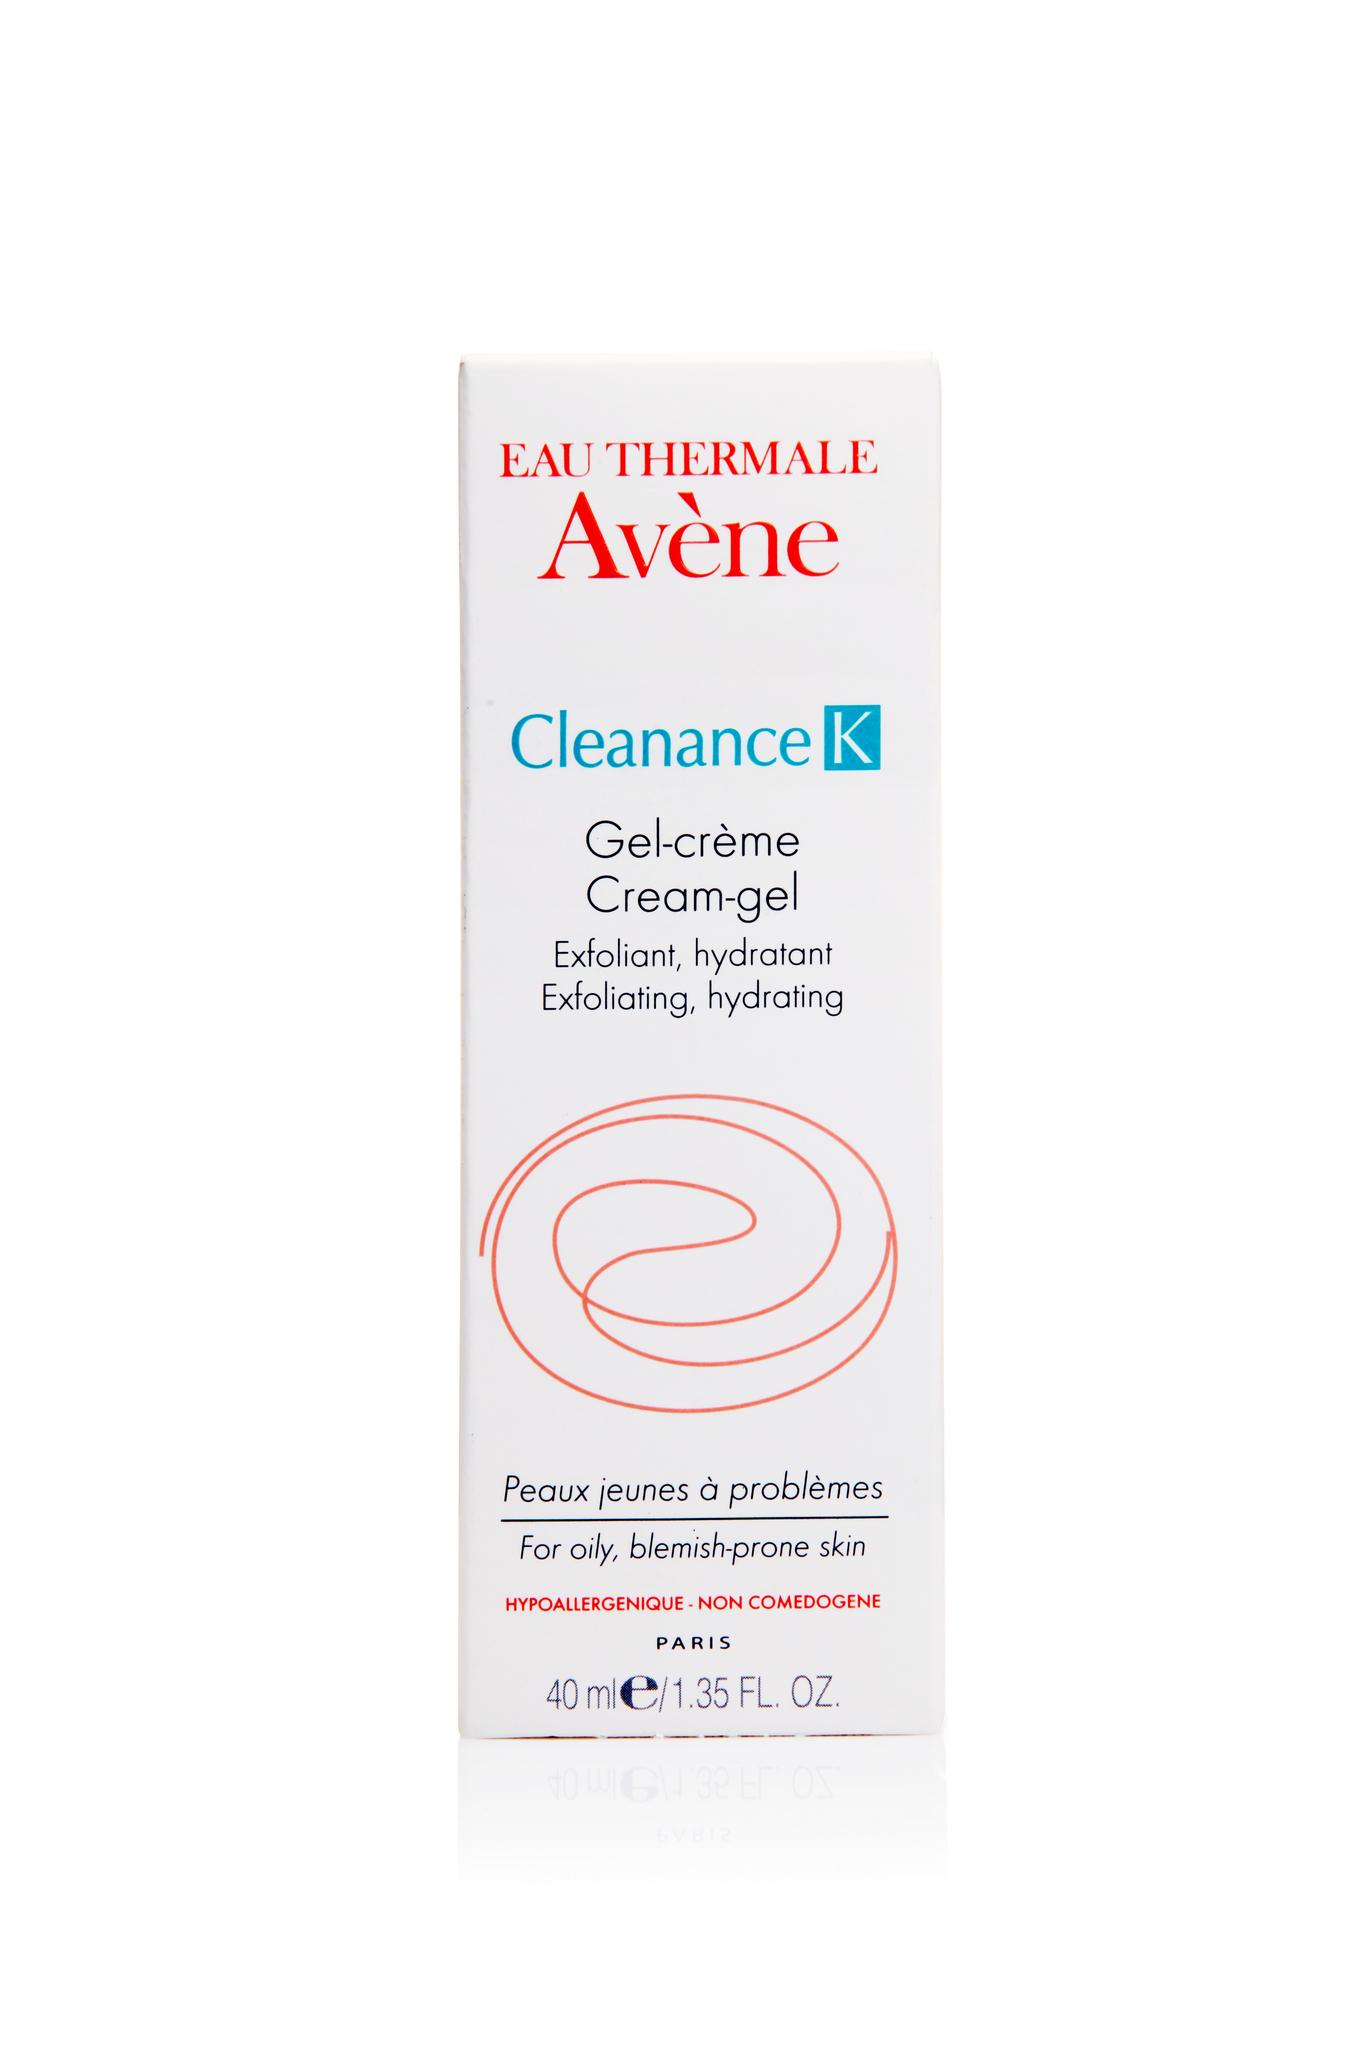 Avene Cleanance K себорегулирующий и кераторегулирующий крем 40 мл.